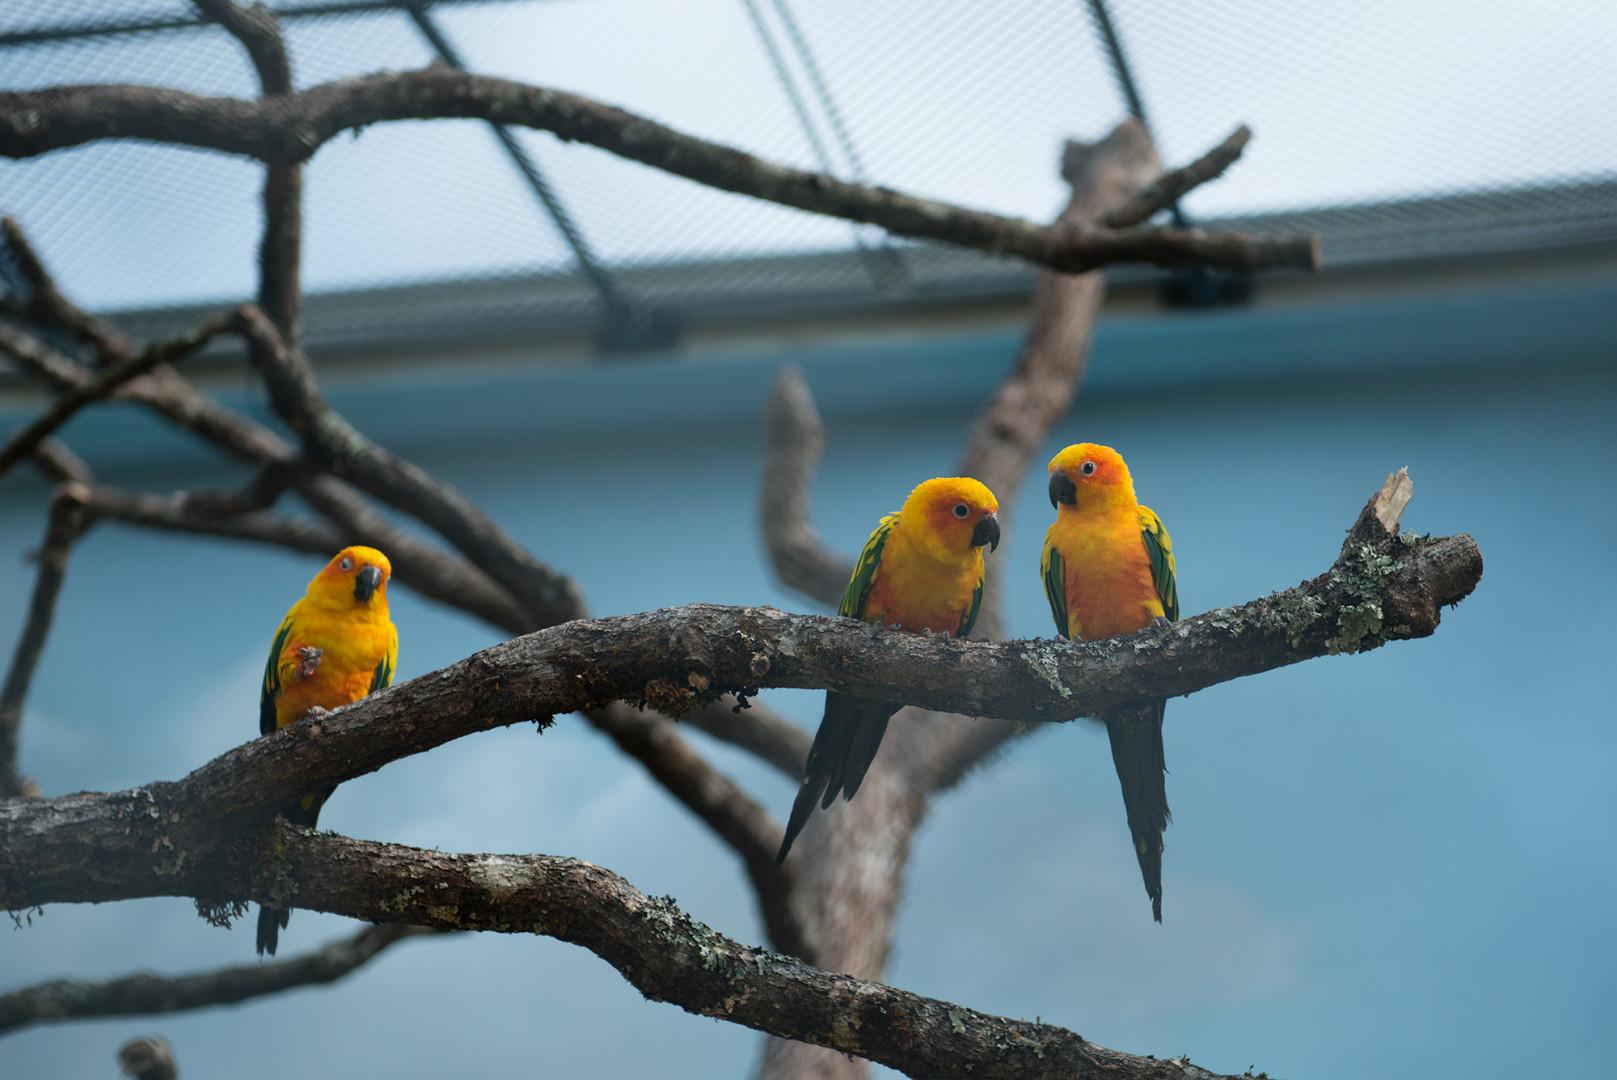 Les visiteurs peuvent y observer 50 espèces d'oiseaux exotiques.